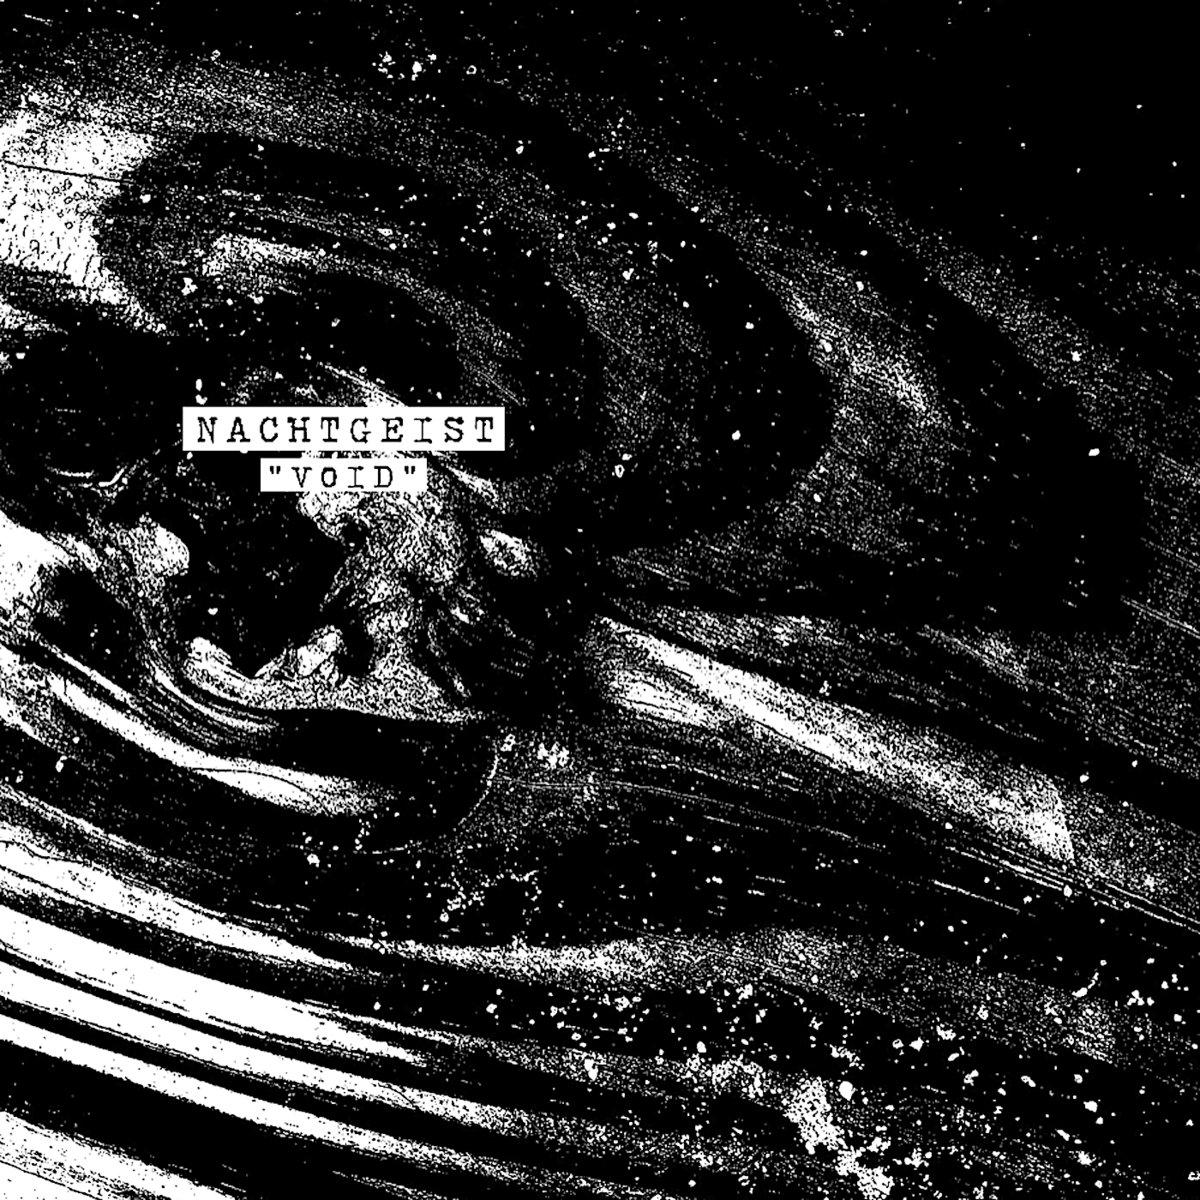 Void | Nachtgeist | Dismal Ruin